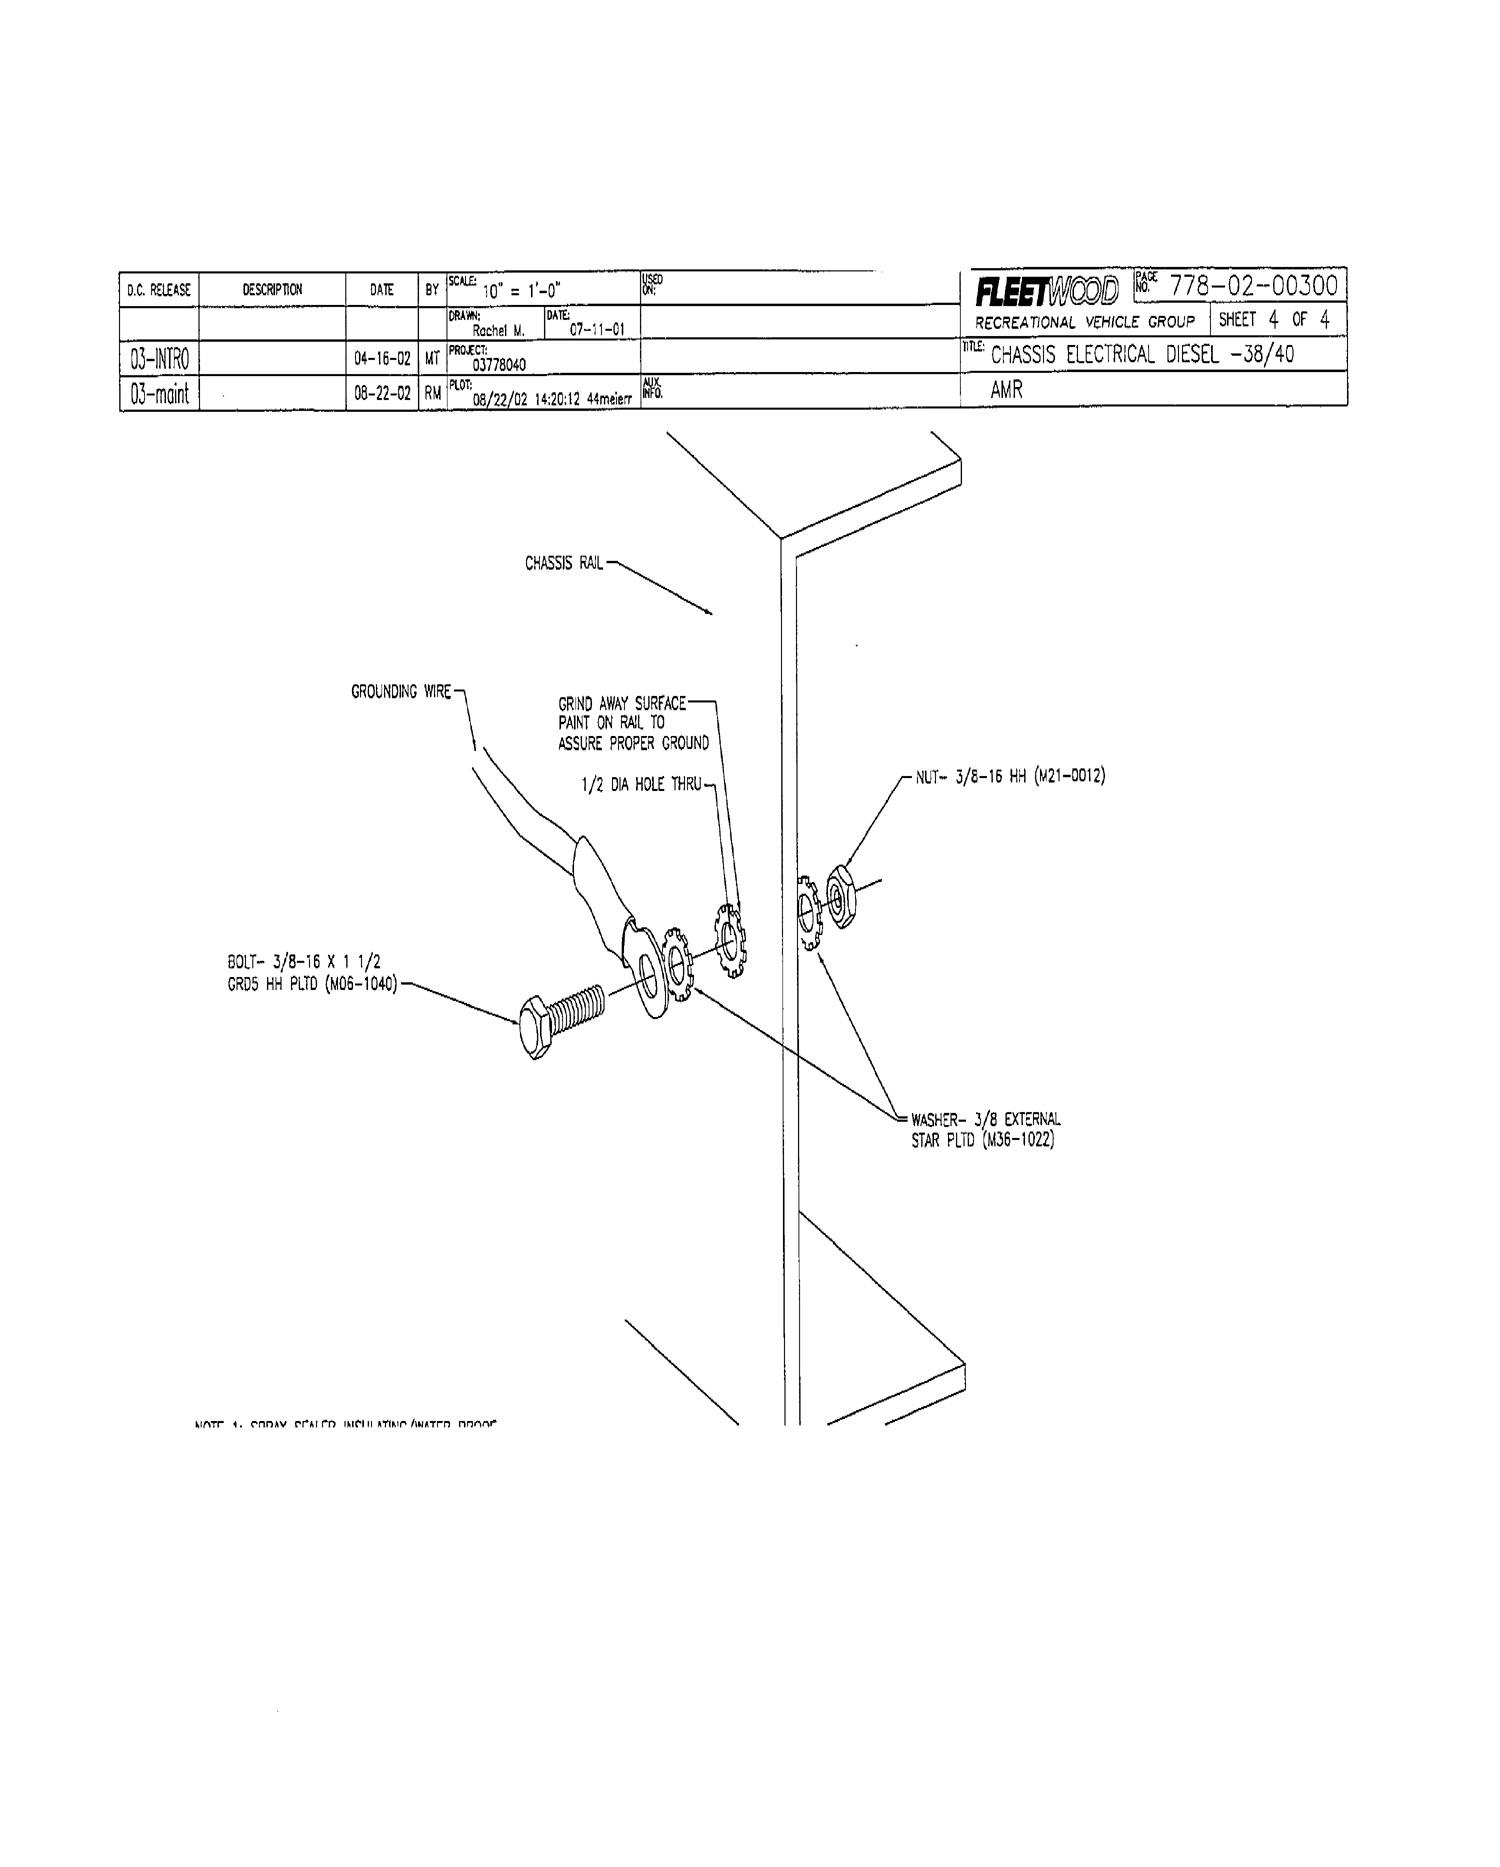 onan 4000 generator wiring diagram 3 phase wiring diagram generator